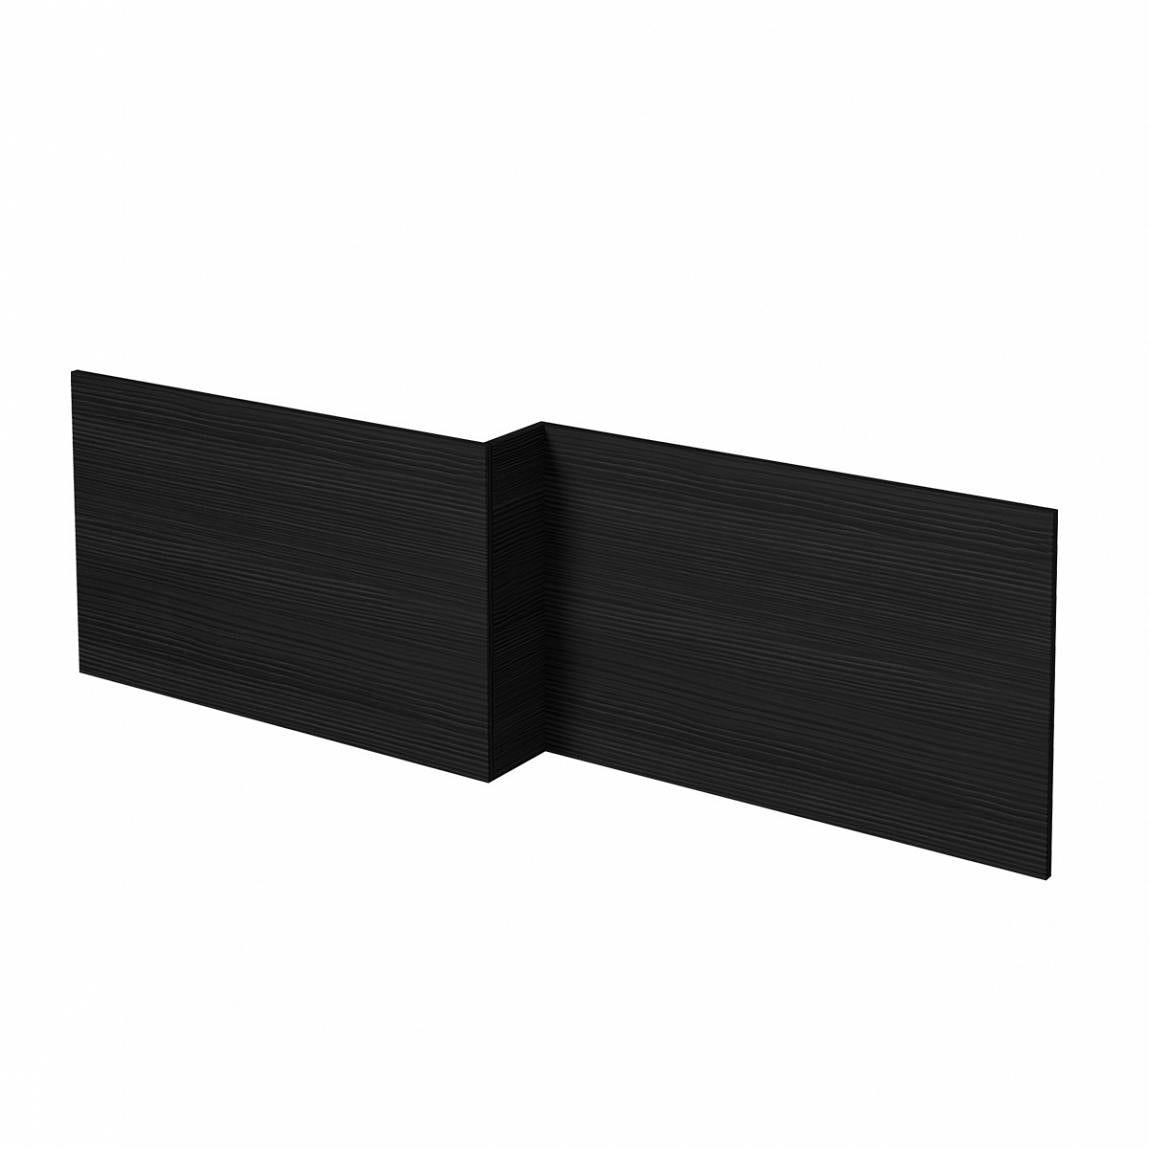 L shaped shower bath wooden front panel Drift essen 1500mm